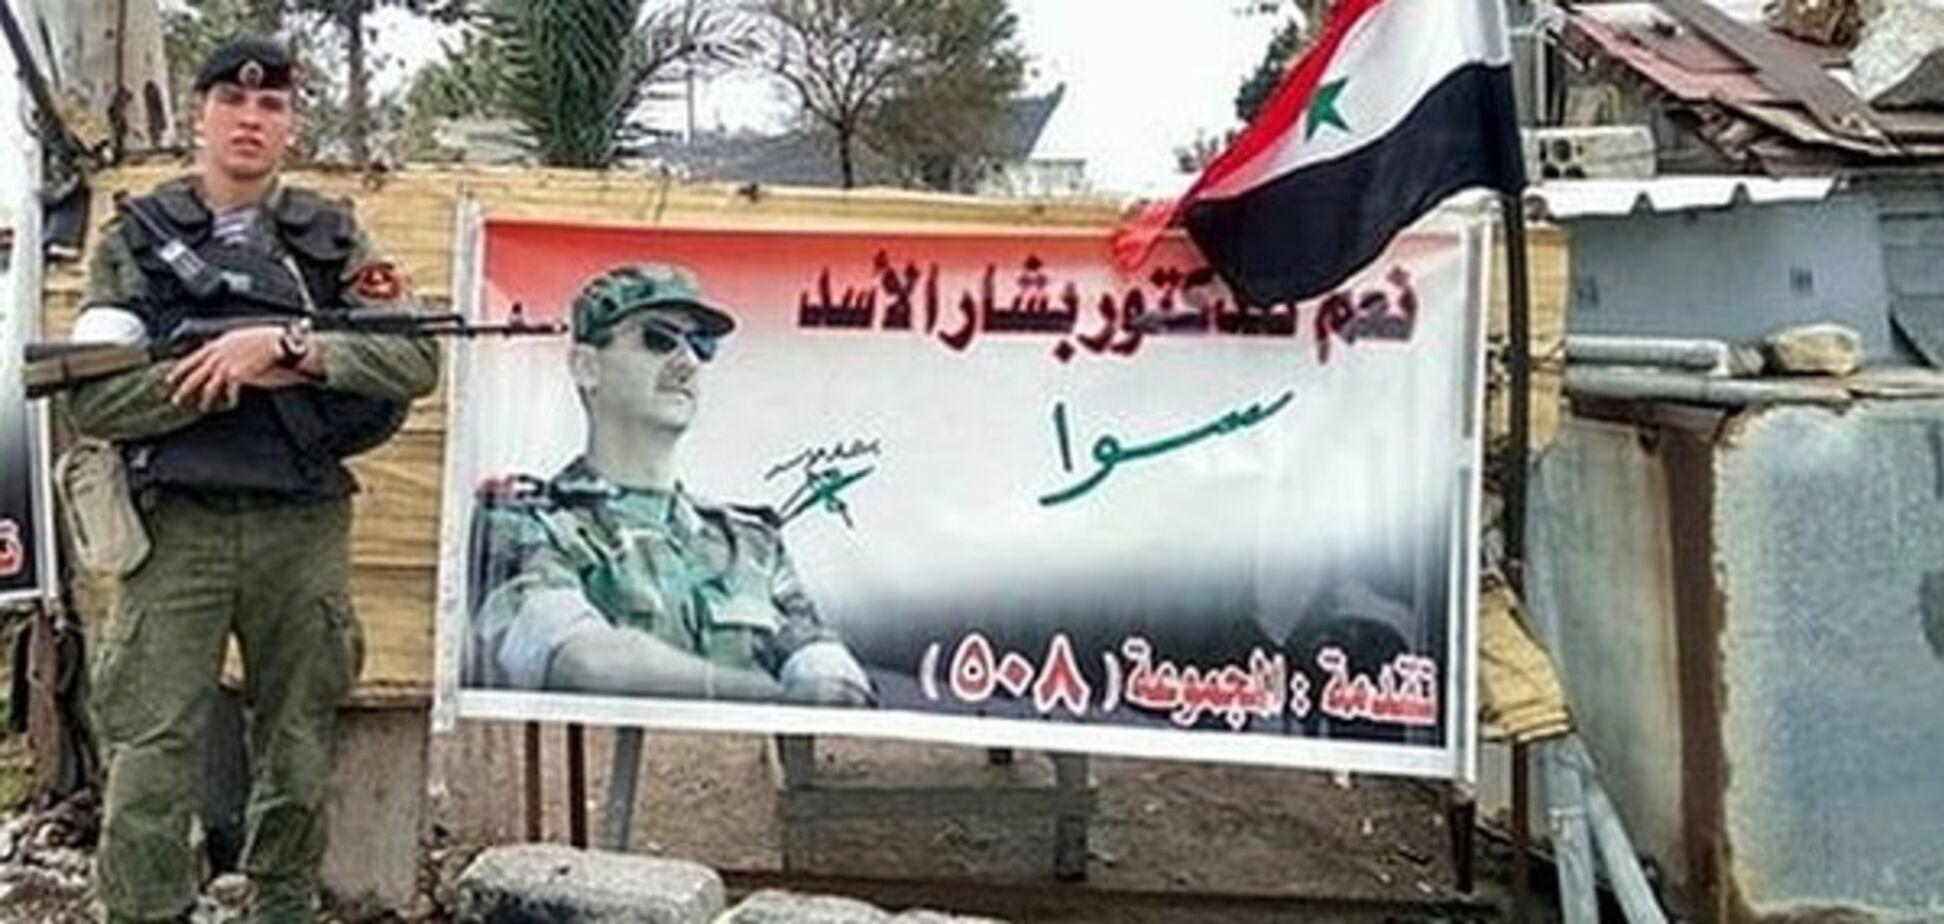 Втрати величезні: бойовик розповів про російських найманців і солдатів у Сирії